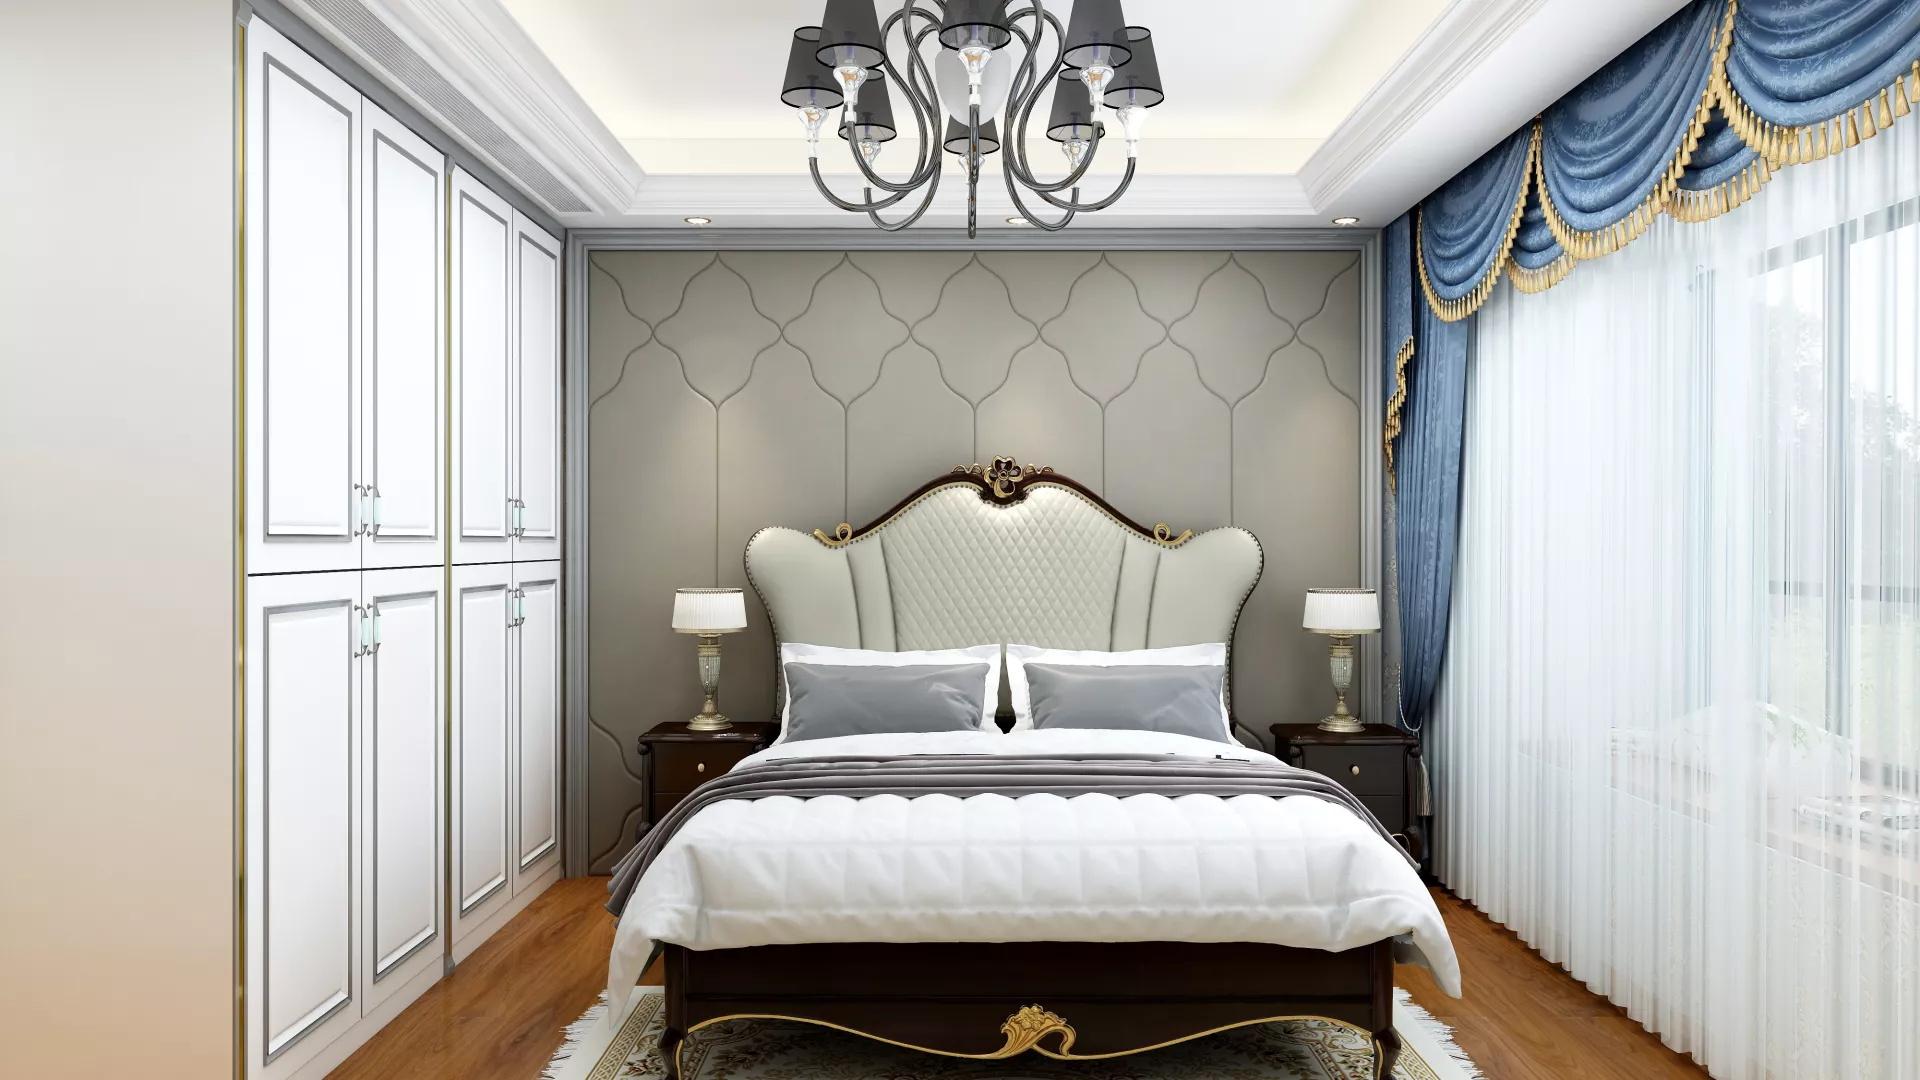 卧室装修用得到的几个床头灯布置